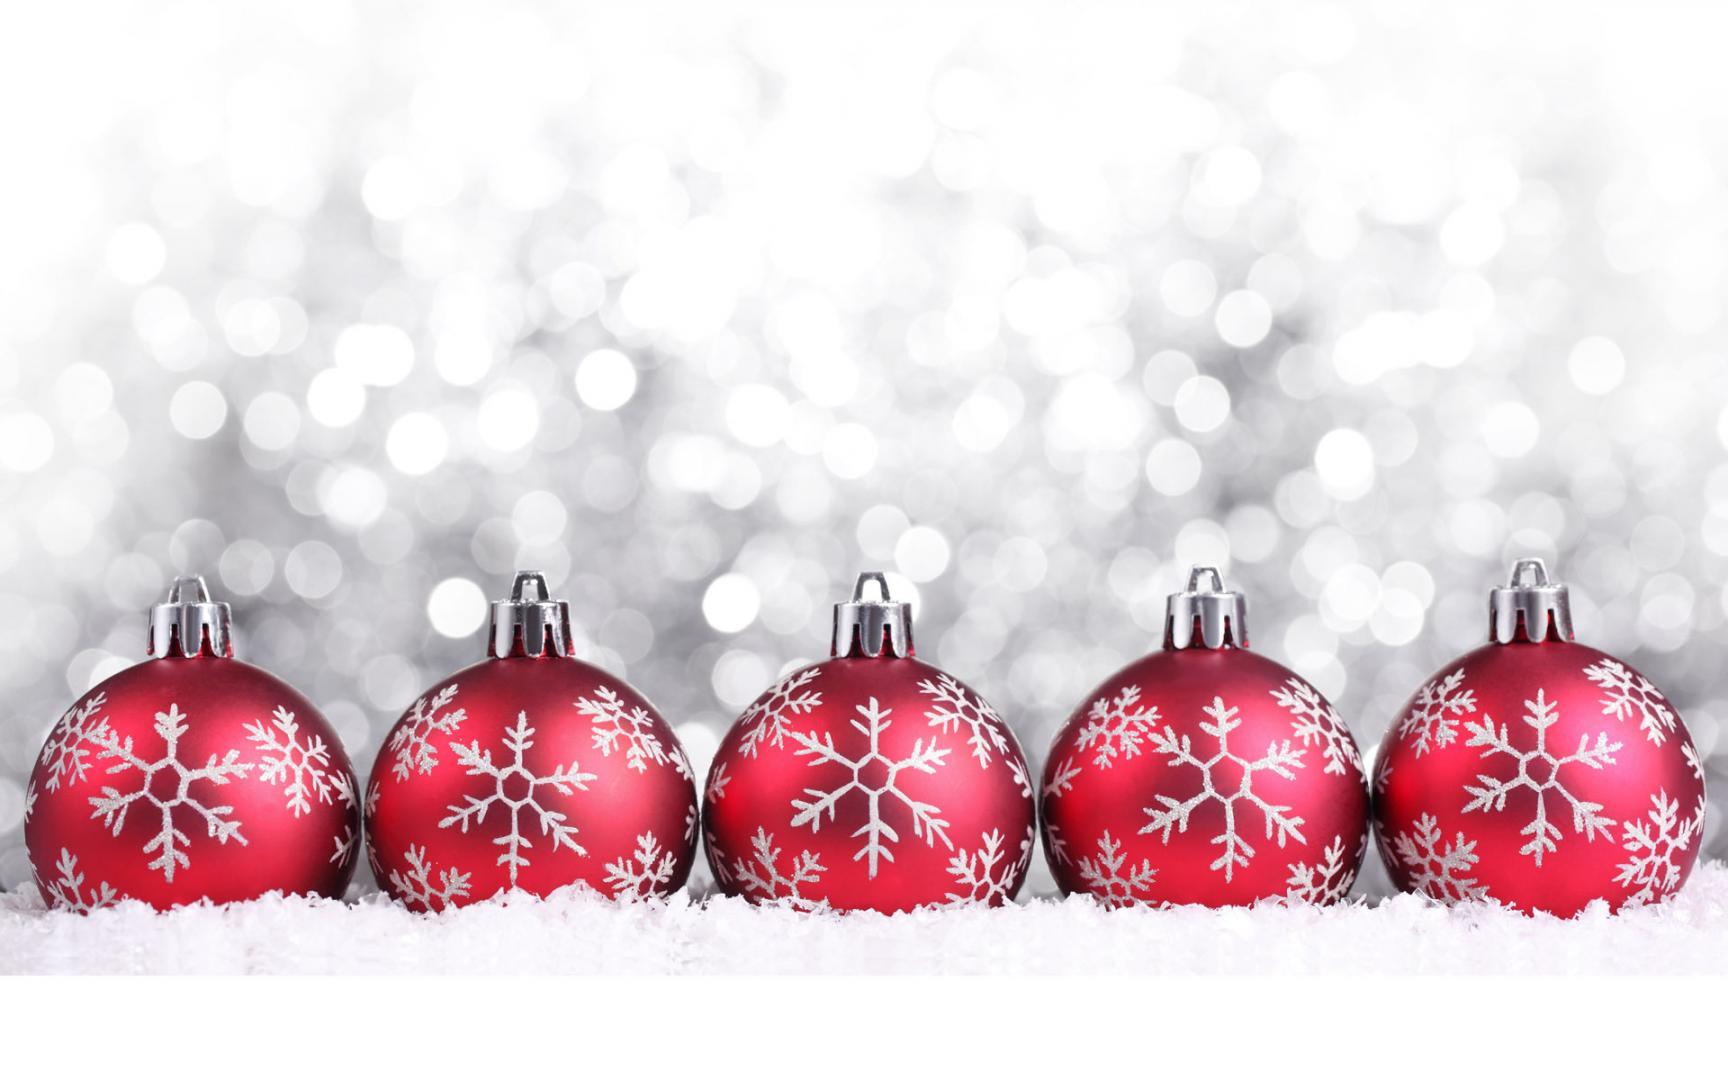 karácsonyi képek zenével Karácsonyi zenék letöltése | Zene letöltés, mp3 letöltés, zenék  karácsonyi képek zenével